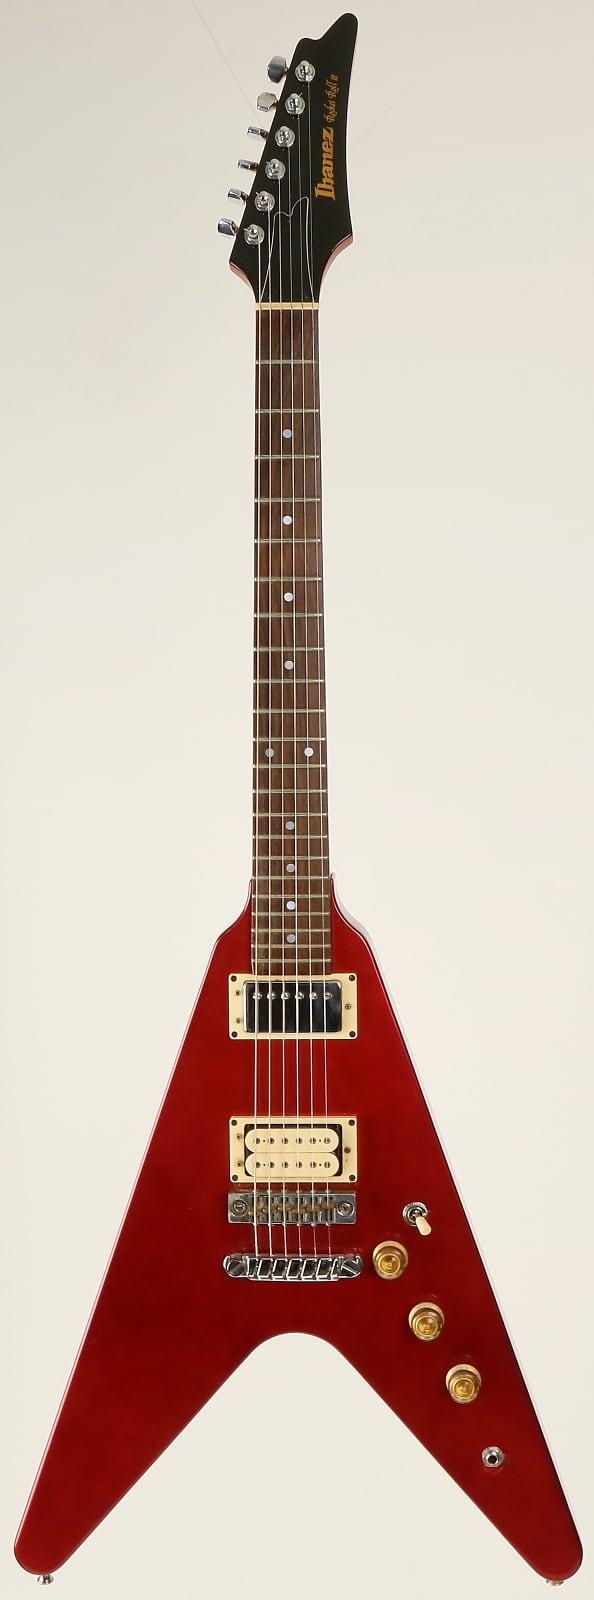 Ibanez Rocket Roll Ii Flying V 1980 Red Metallic